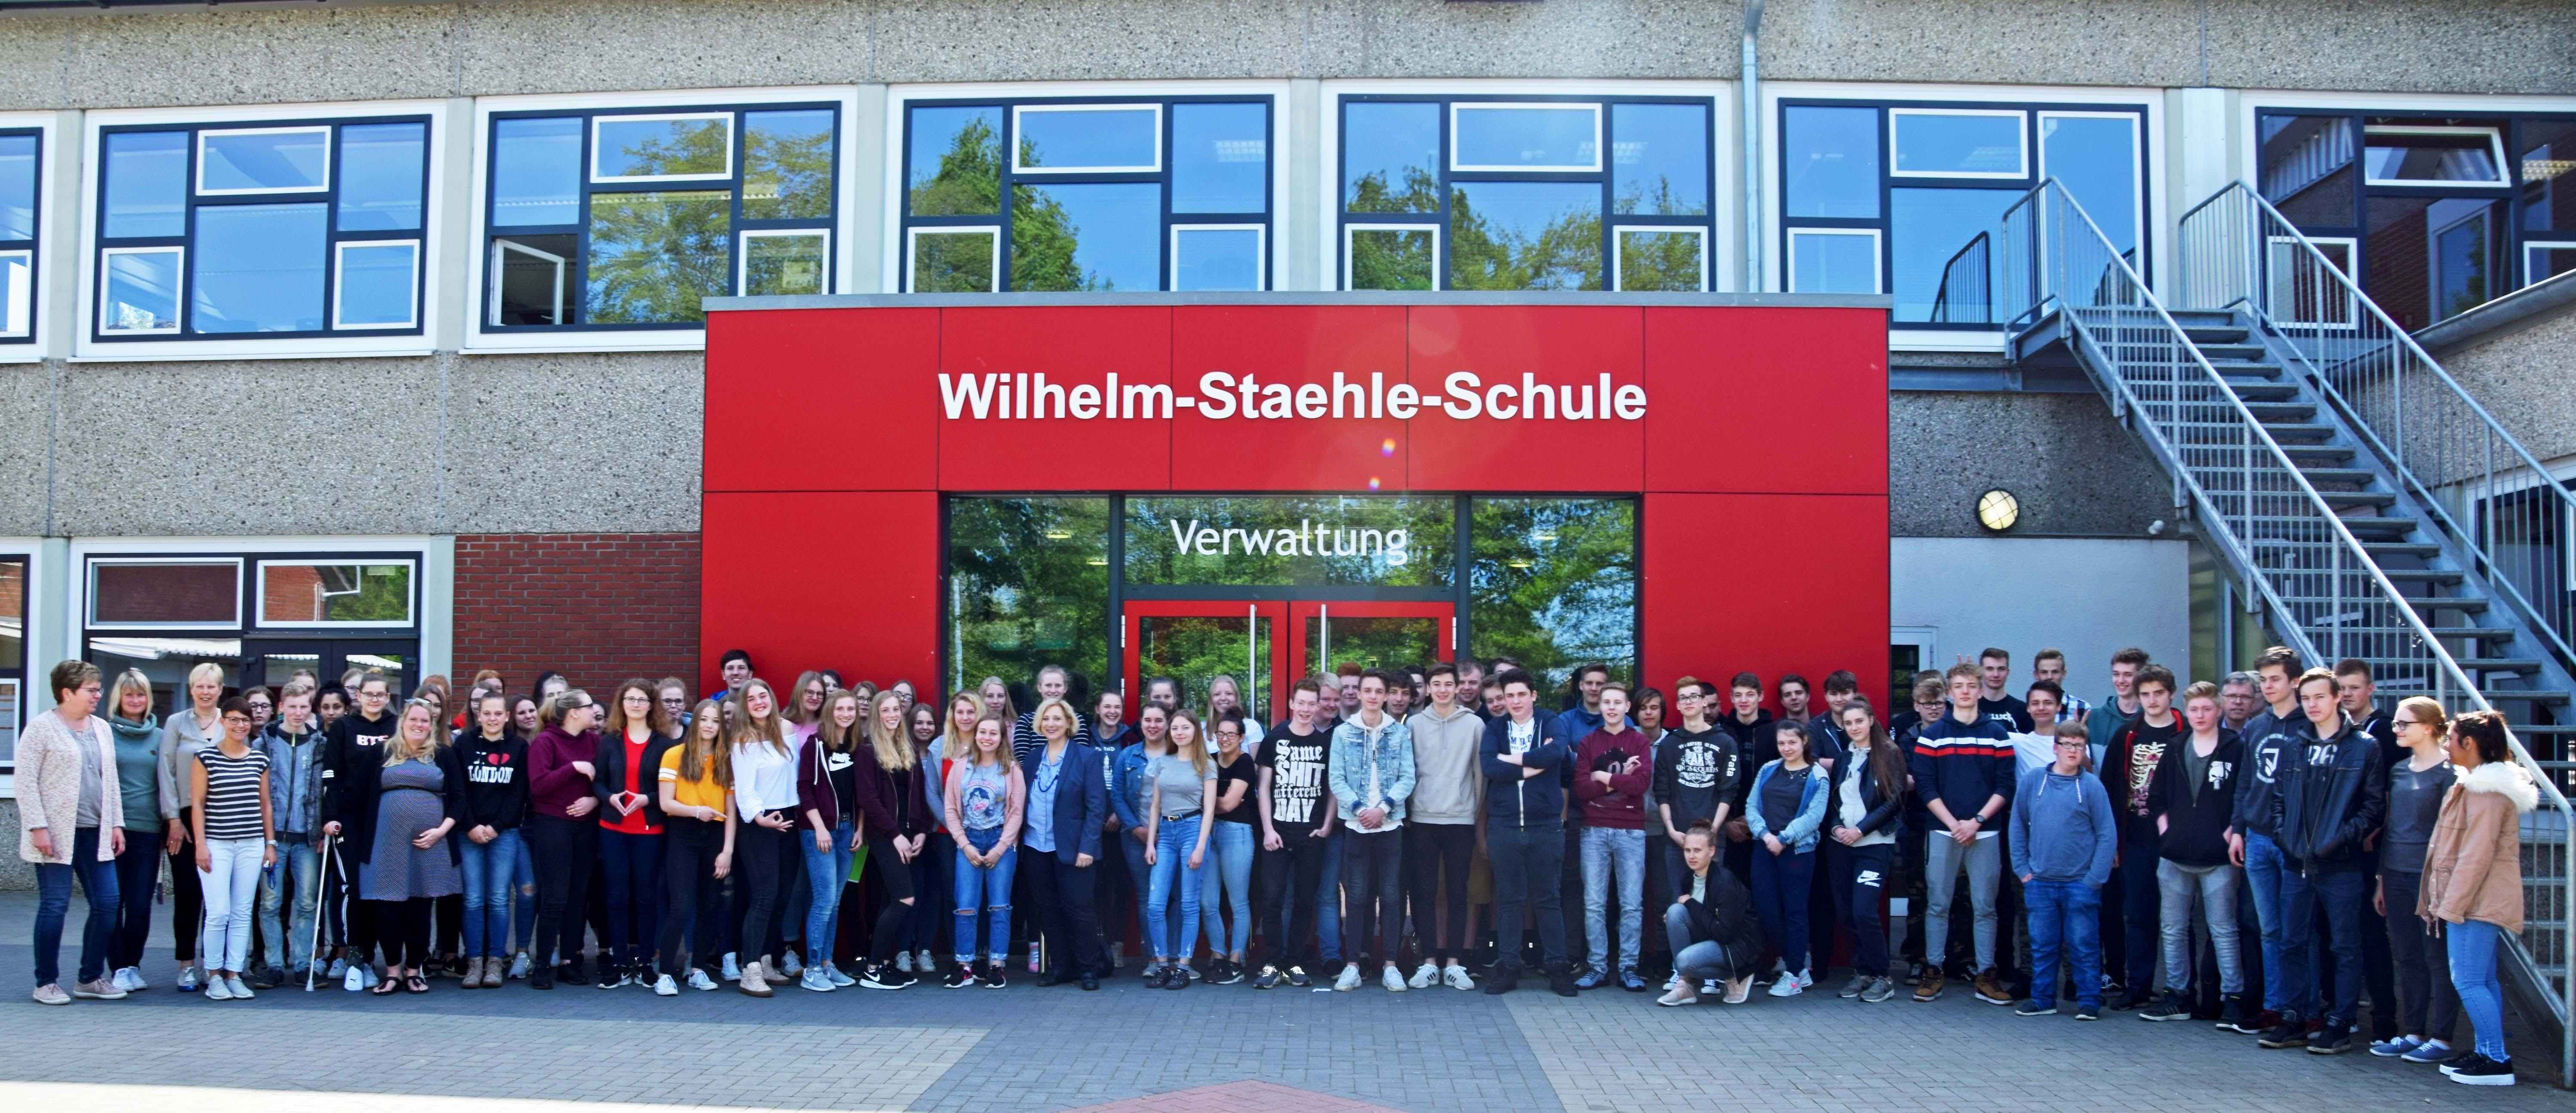 Dr. Daniela De Ridder und alle Schülerinnen und Schüler der 10. Klassen der Wilhelm-Staehle-Schule